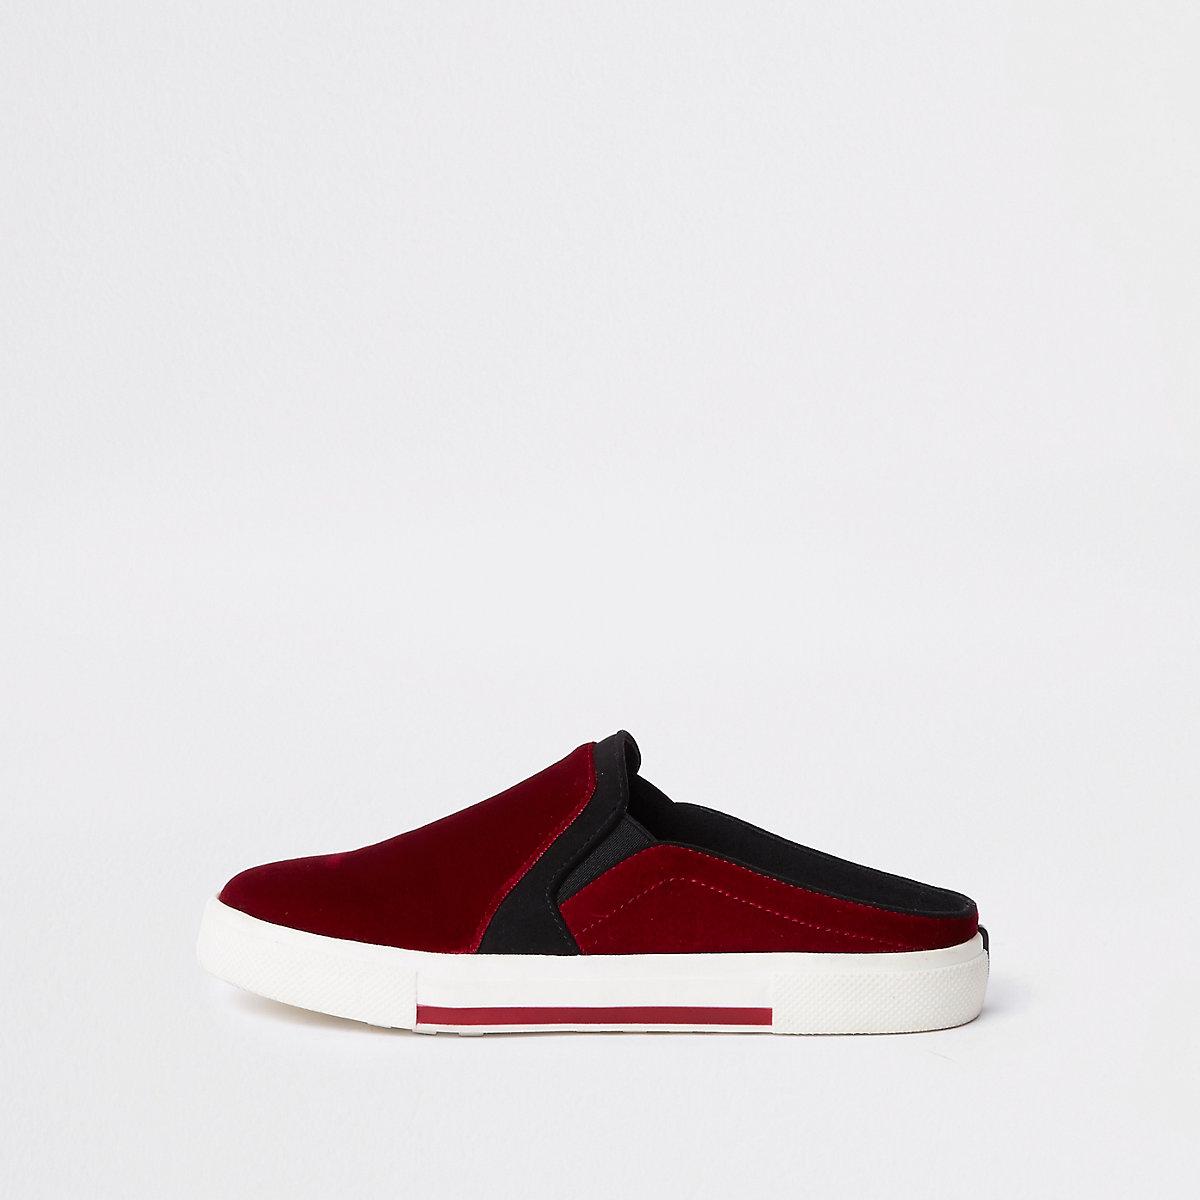 Red velvet slip-on backless plimsolls